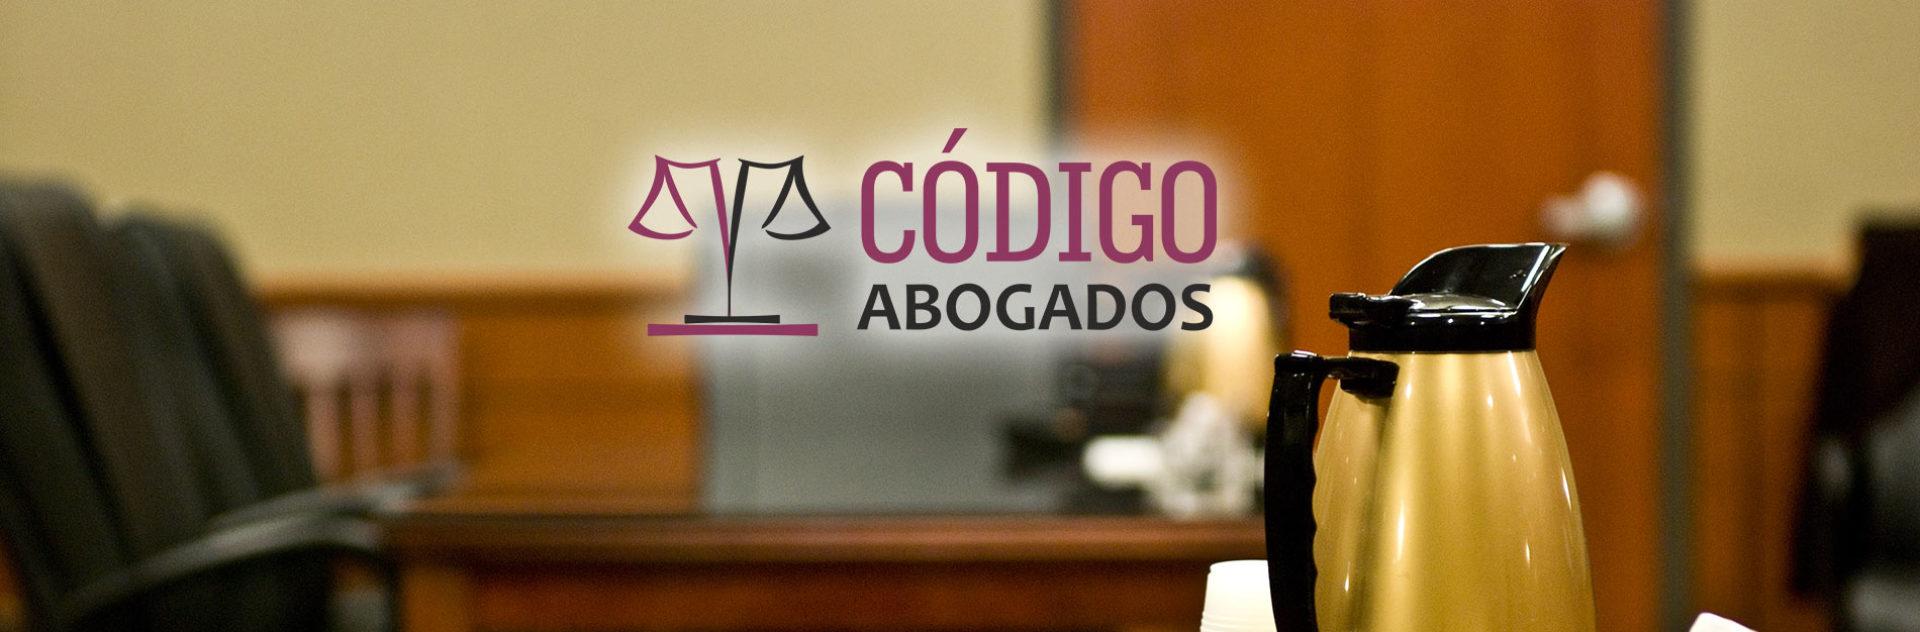 Código abogados